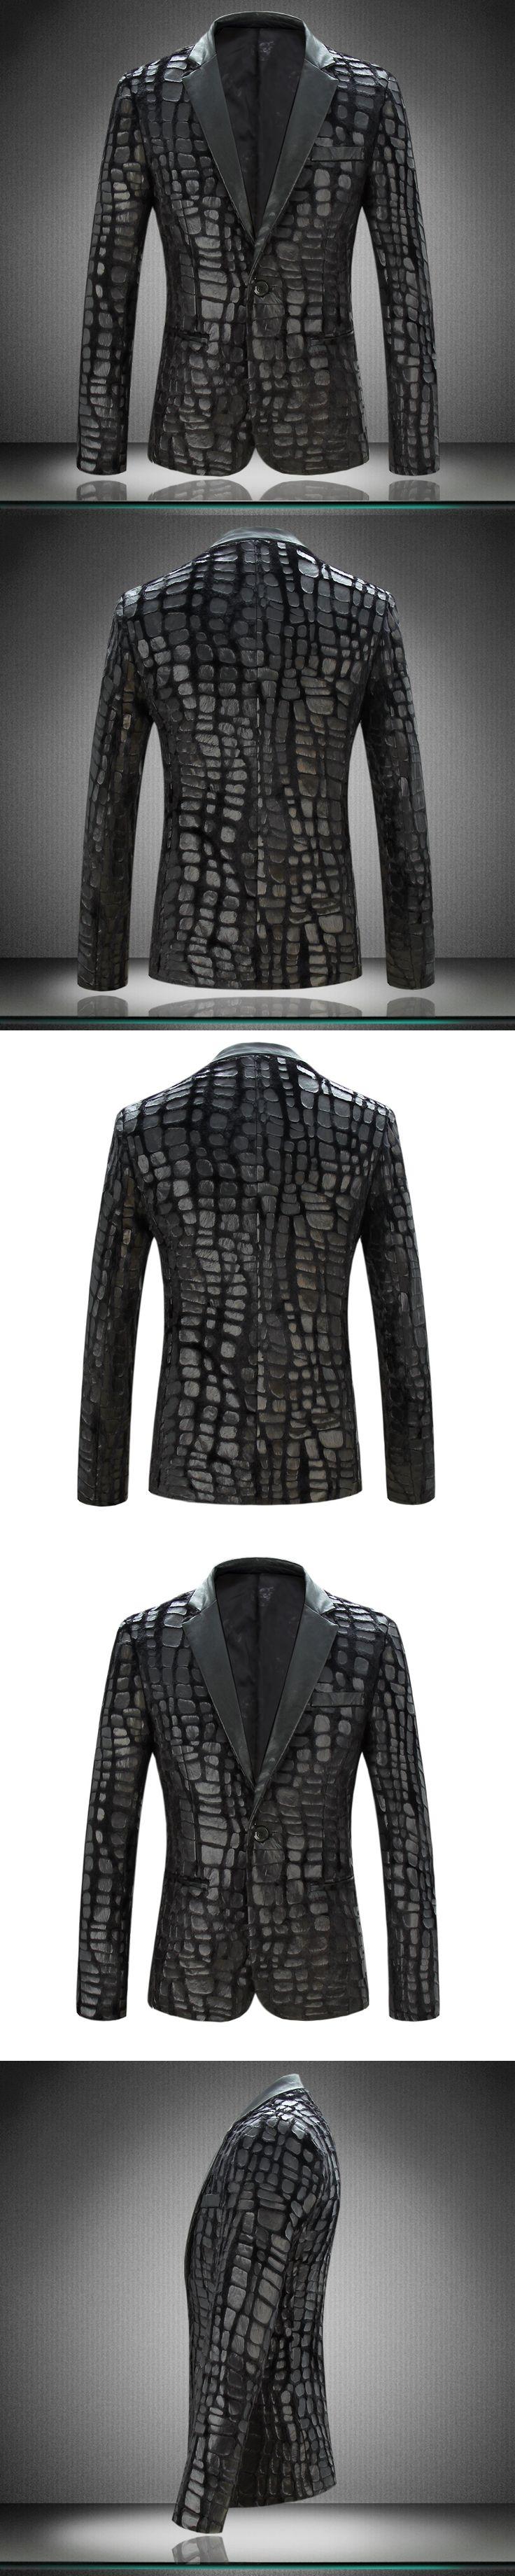 The new velvet suit men 's pressure skin suit jacket personality trend small suit fashion large size suit jacket men